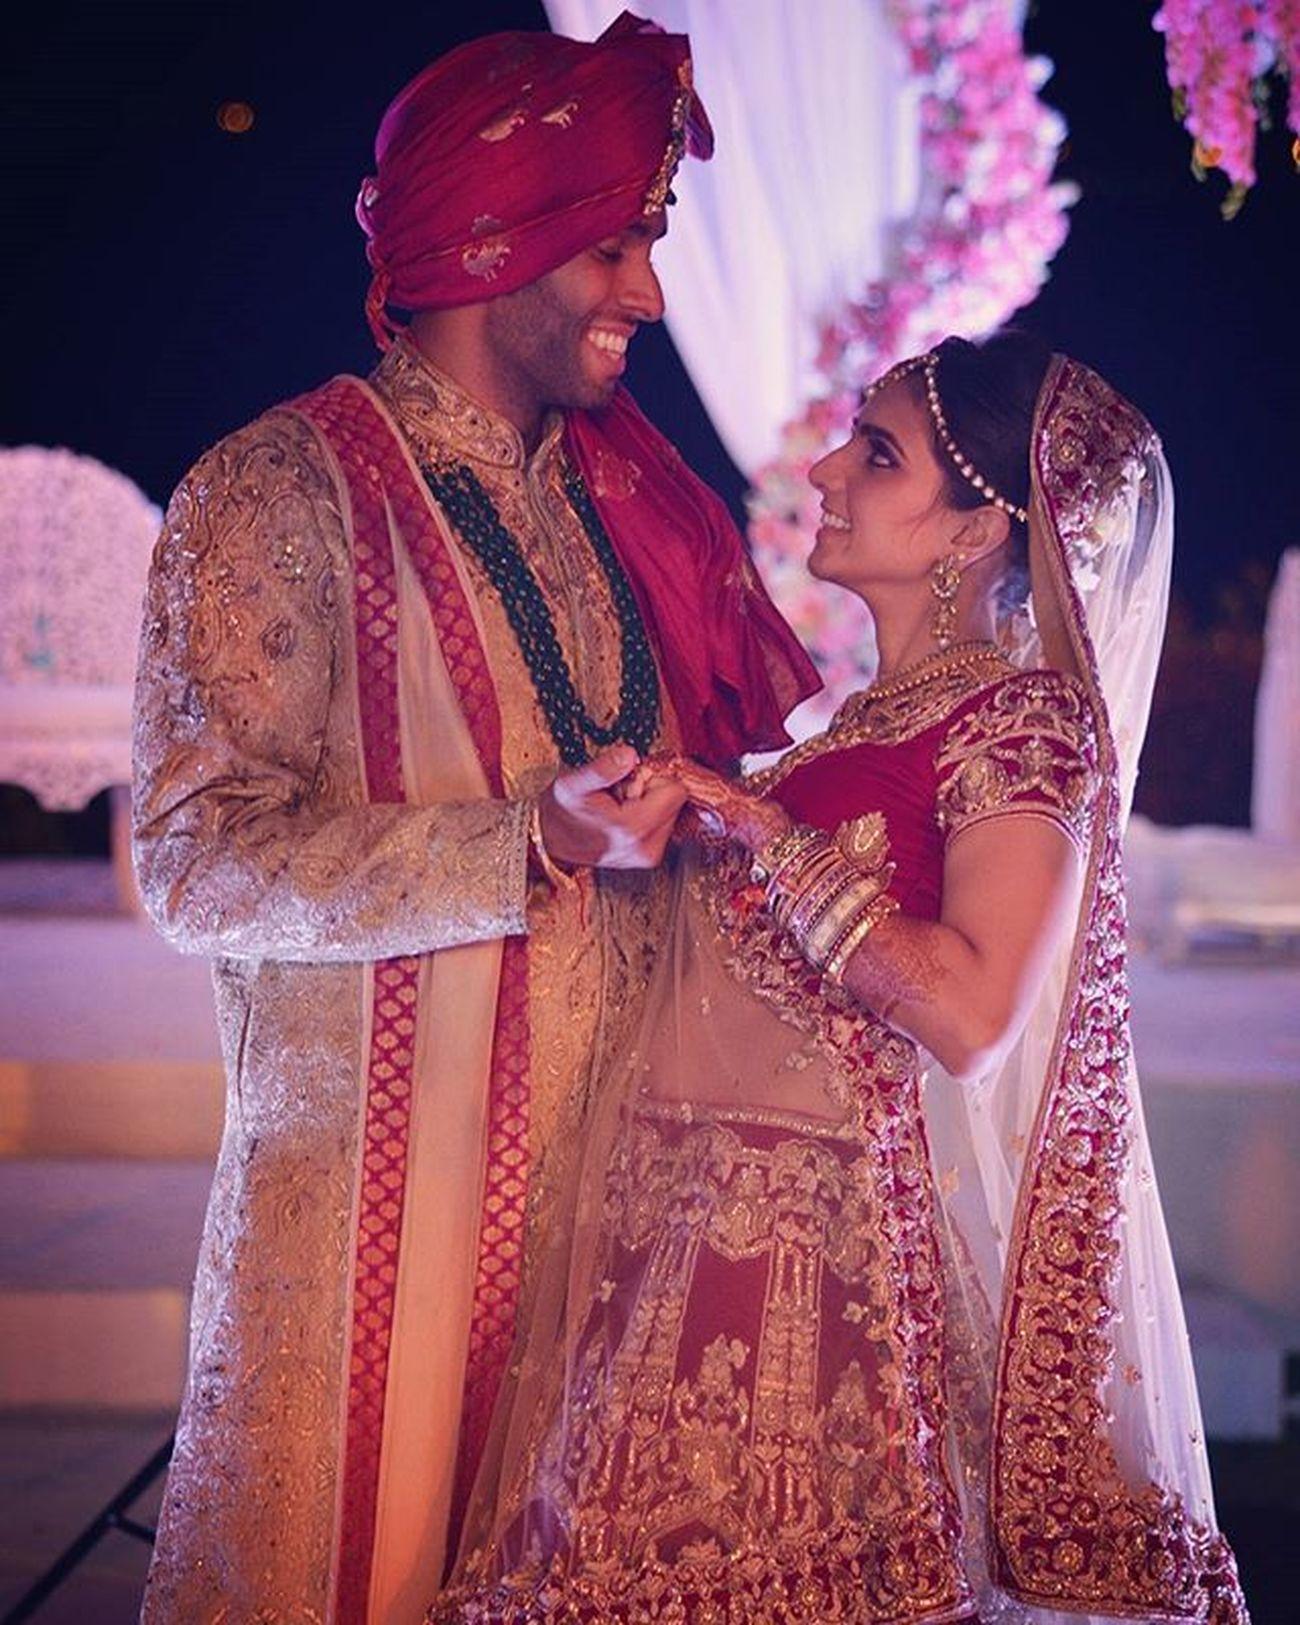 Gagans_photography Aeshkydiwedding Stayblessed Lovelycouple Weddingseason Wedding Portfolios